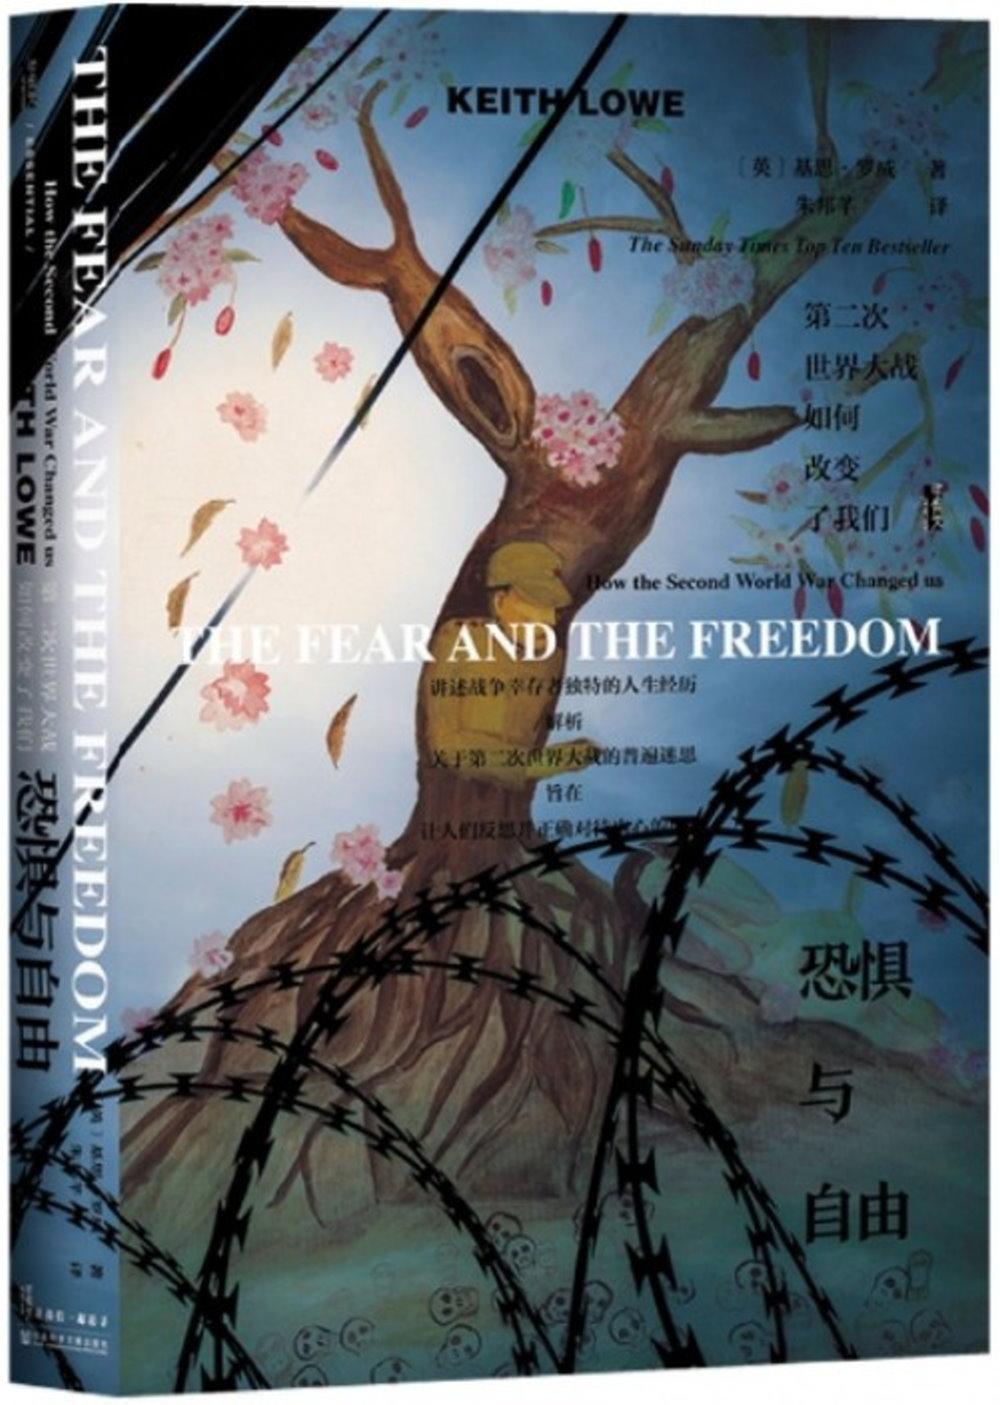 恐懼與自由:第二次世界大戰如何改變了我們